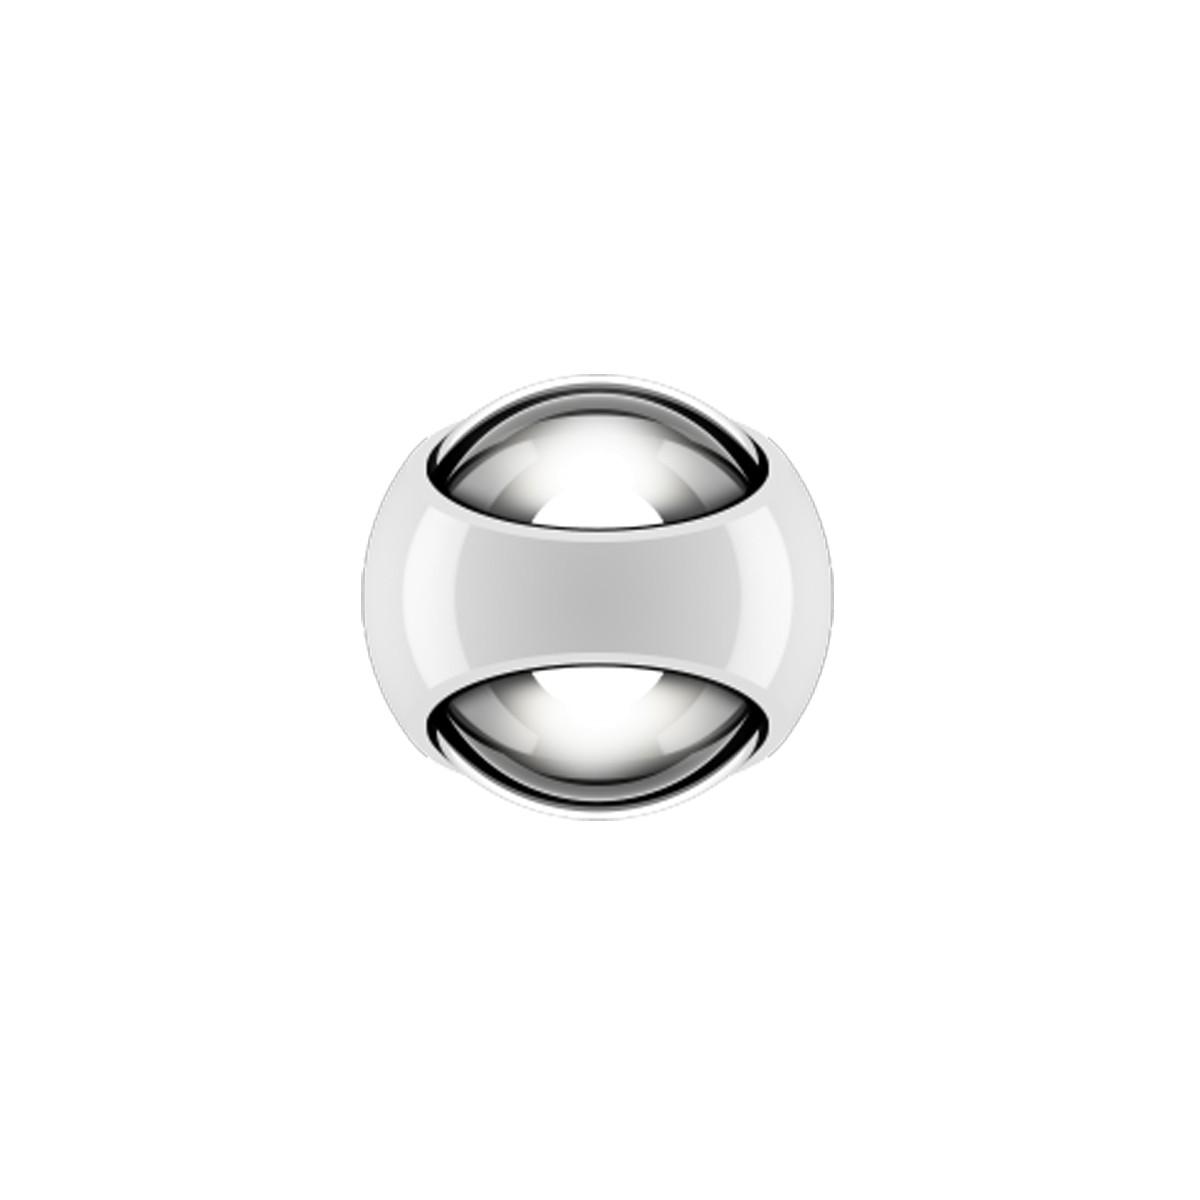 Occhio Sito verticale Volt C80 Wandleuchte, 2700 K, weiß glänzend